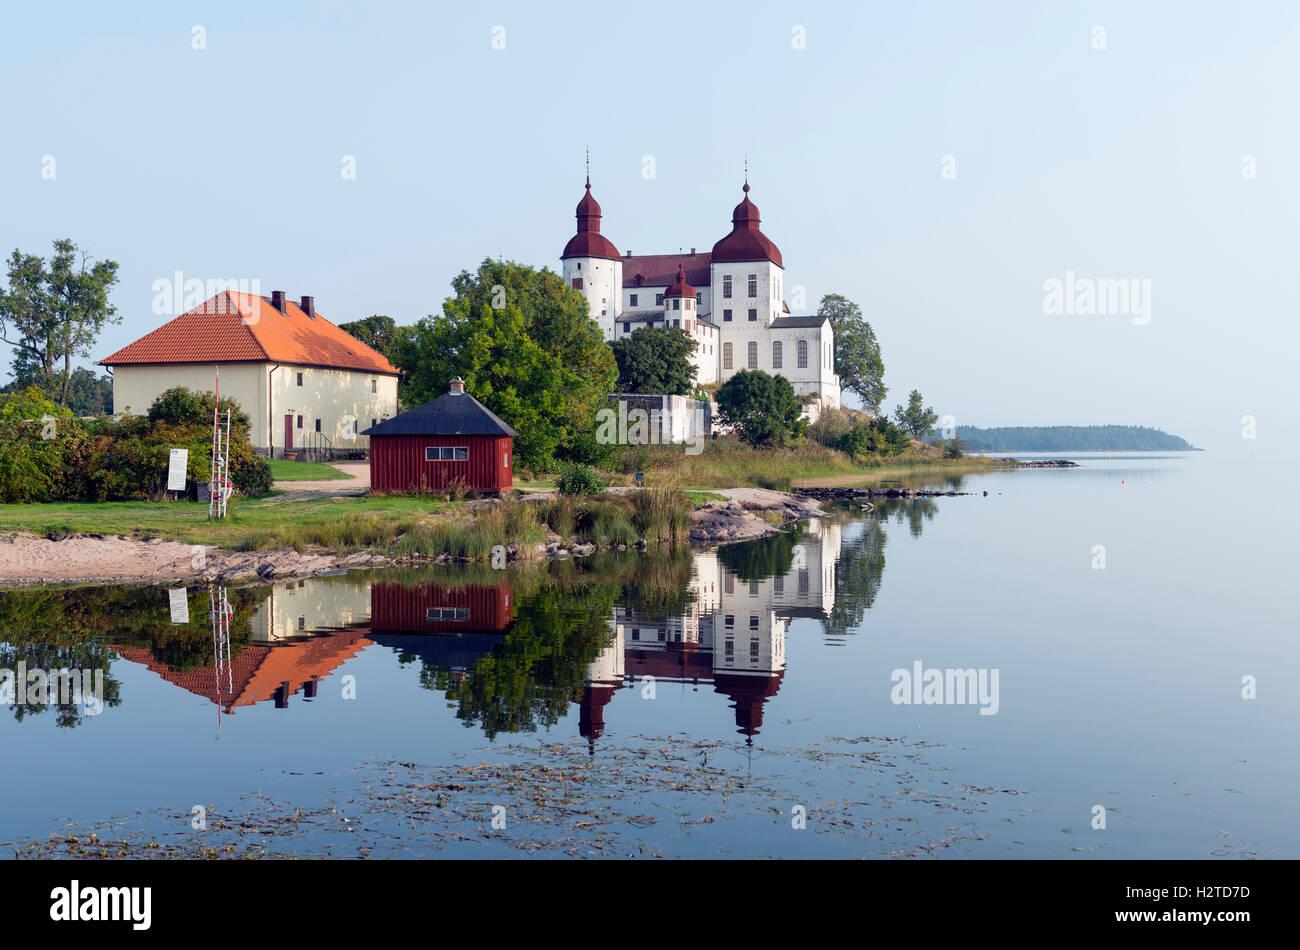 Läckö Castle, Sweden - Stock Image